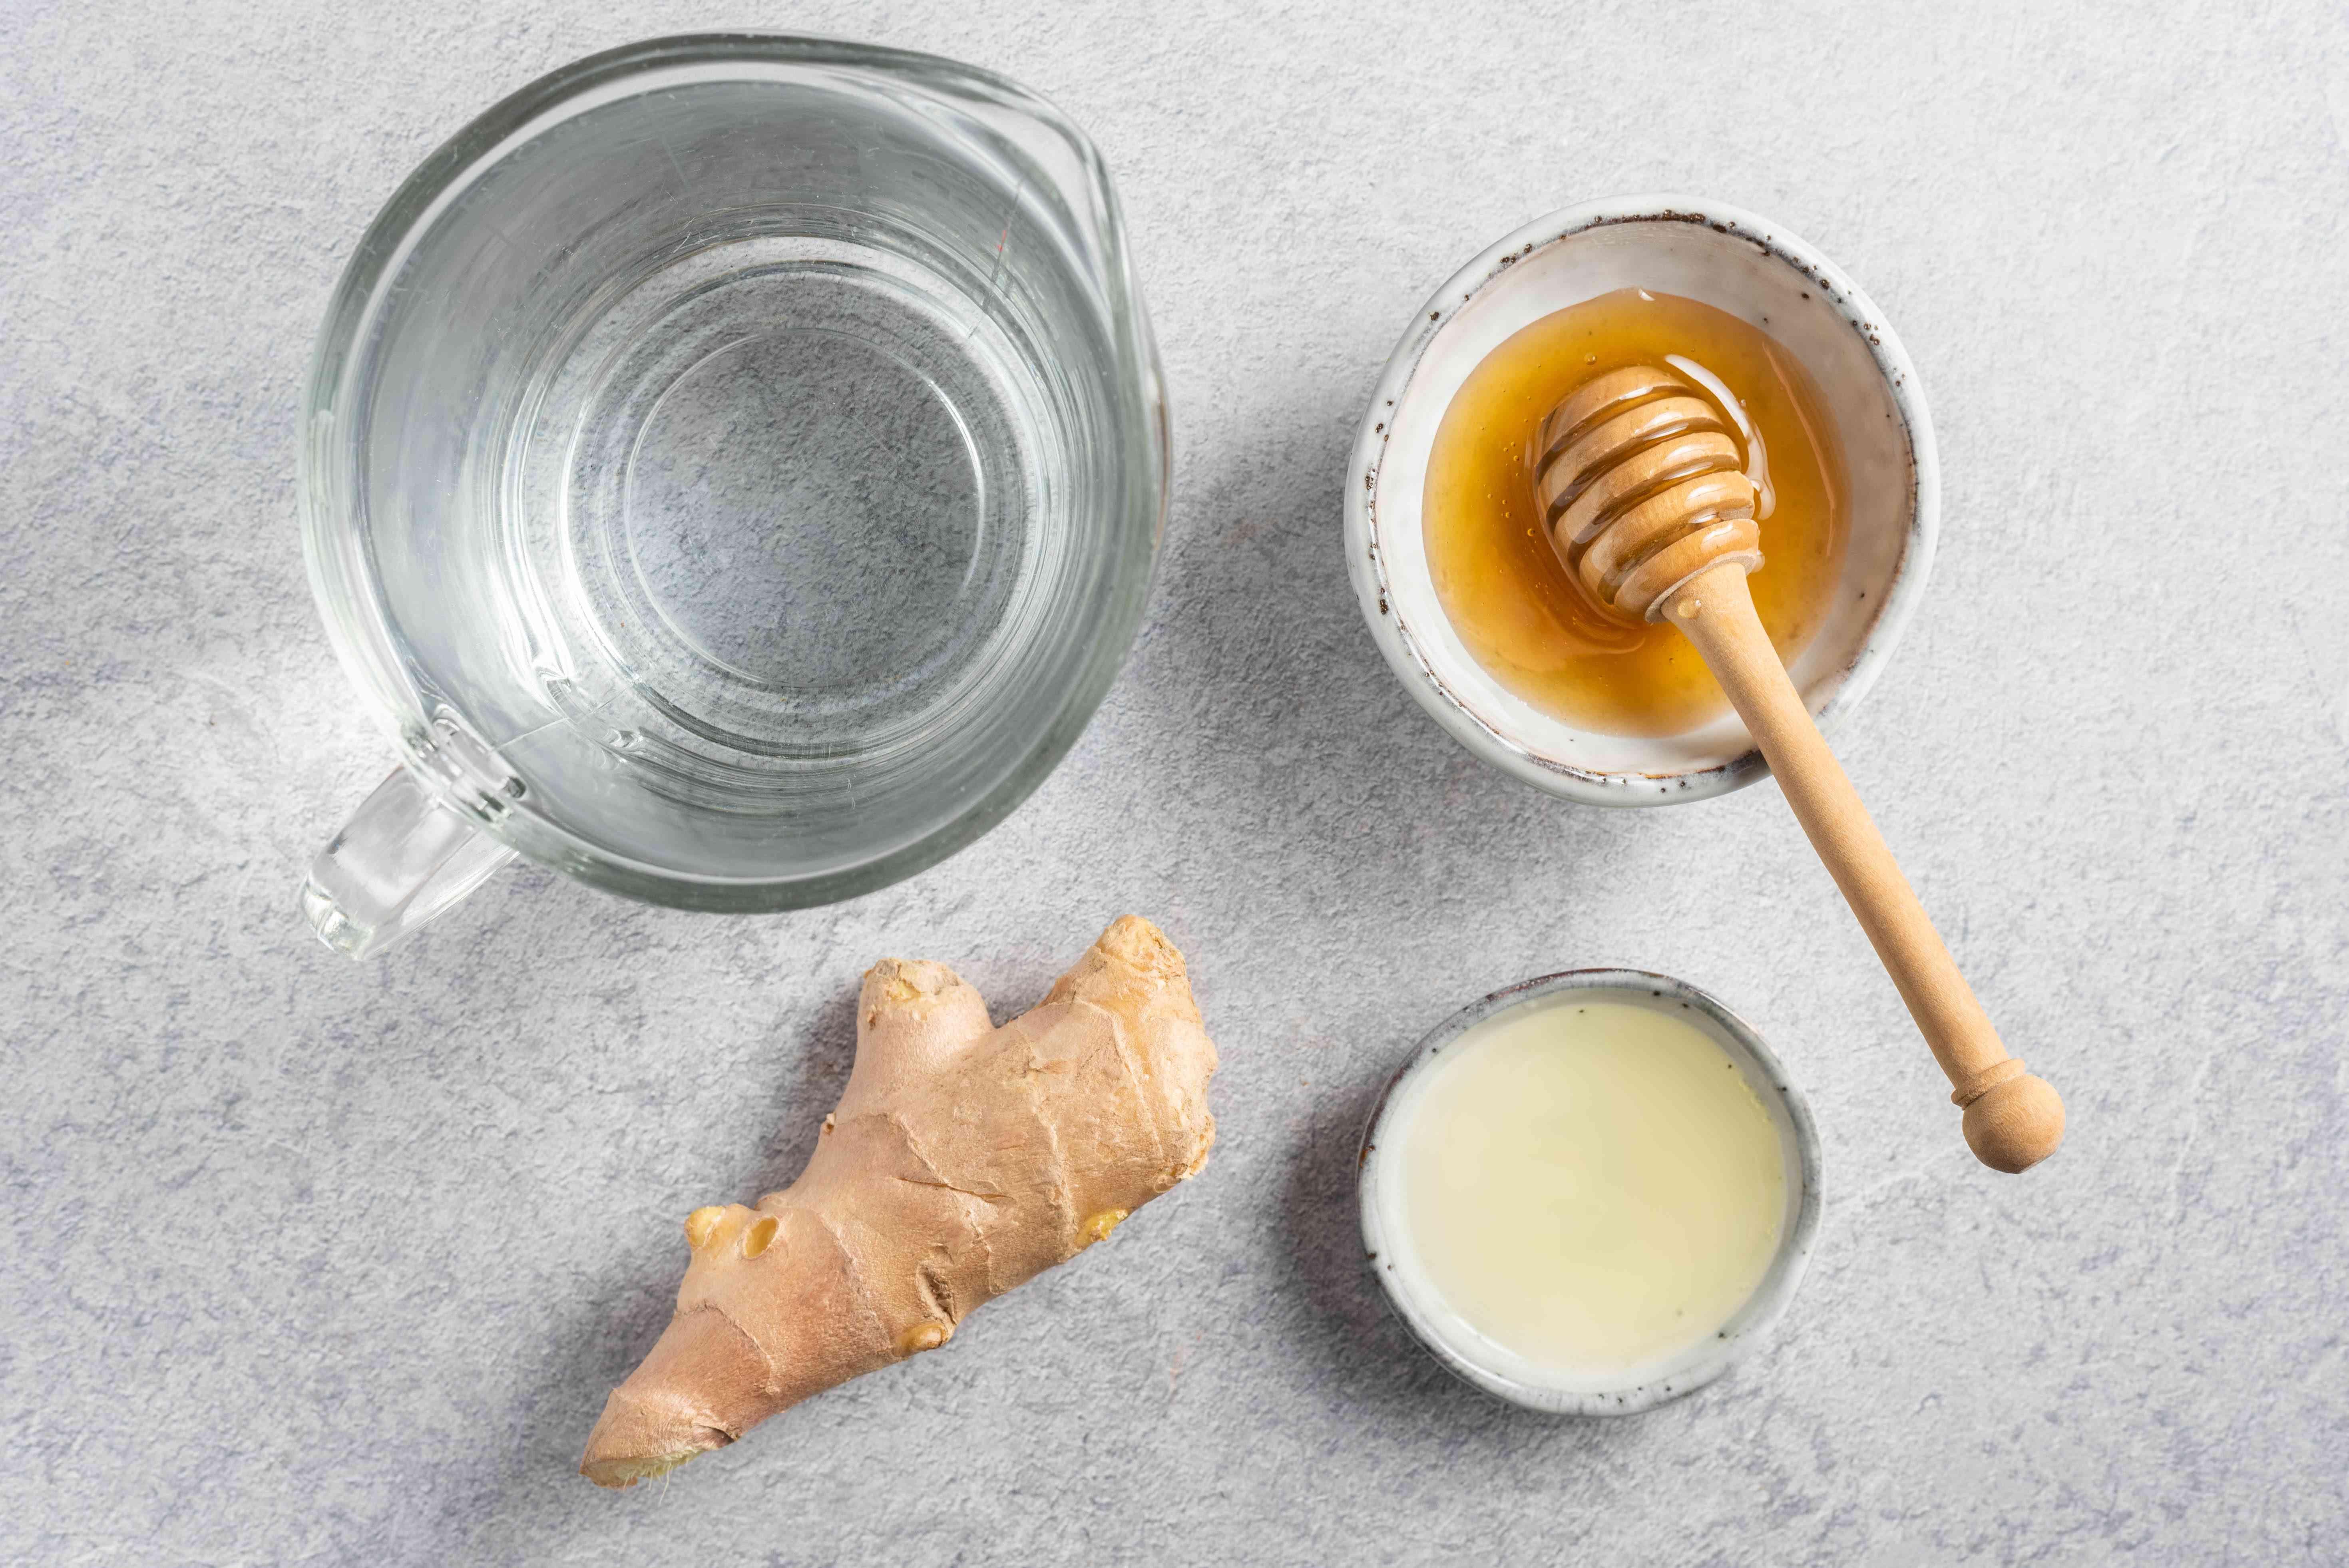 Ingredients for ginger tea